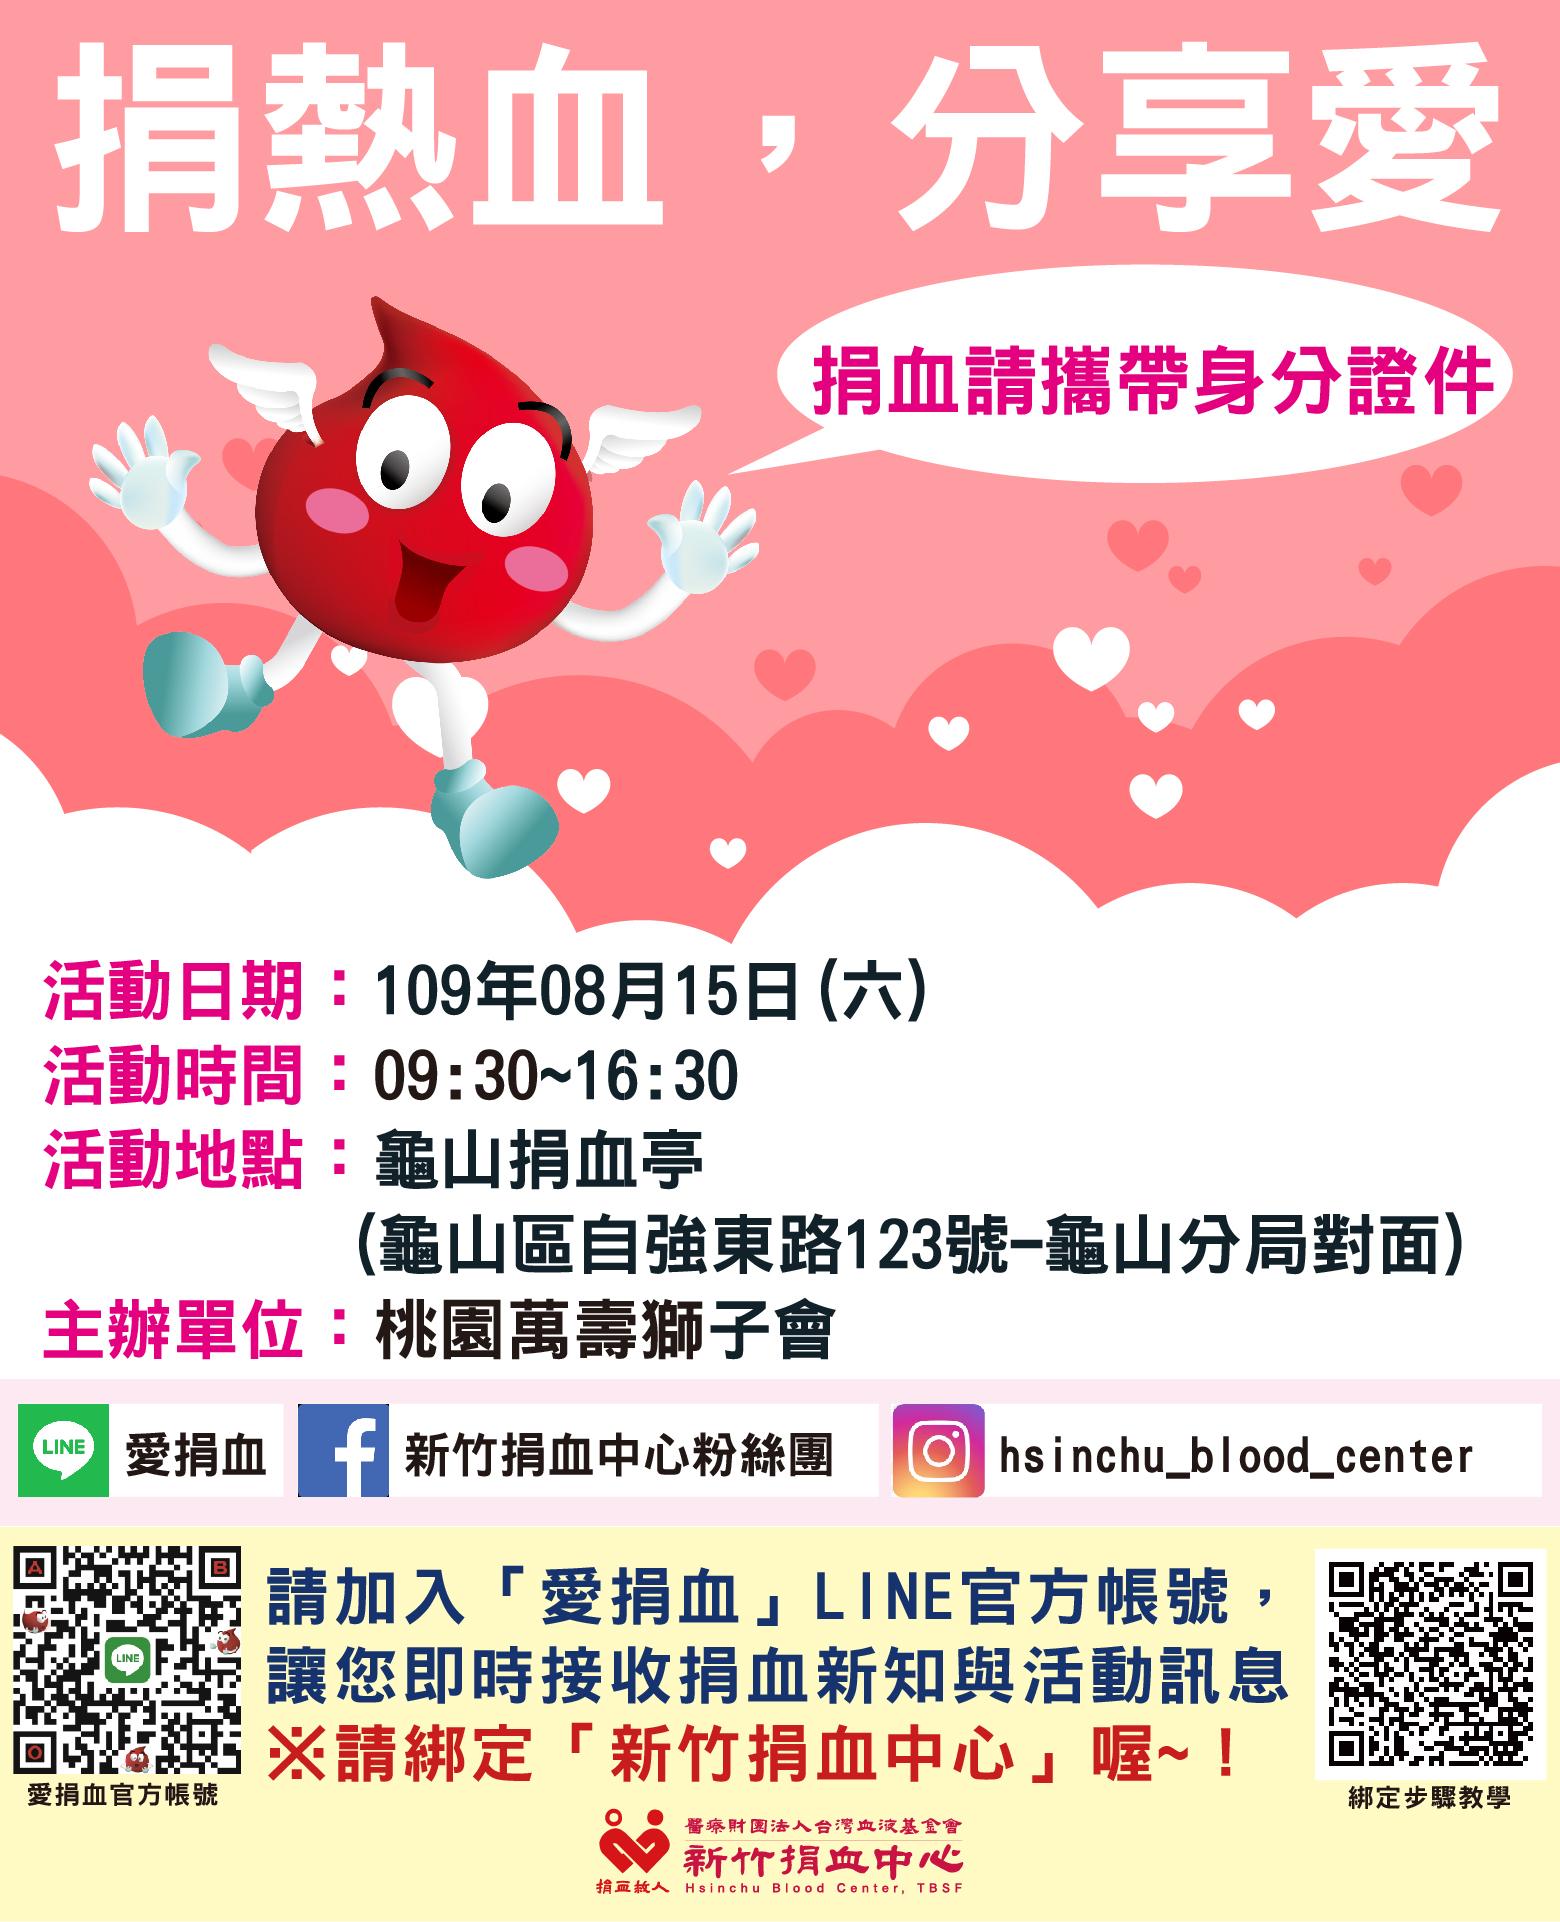 8/15(六)桃園萬壽獅子會愛心捐血活動